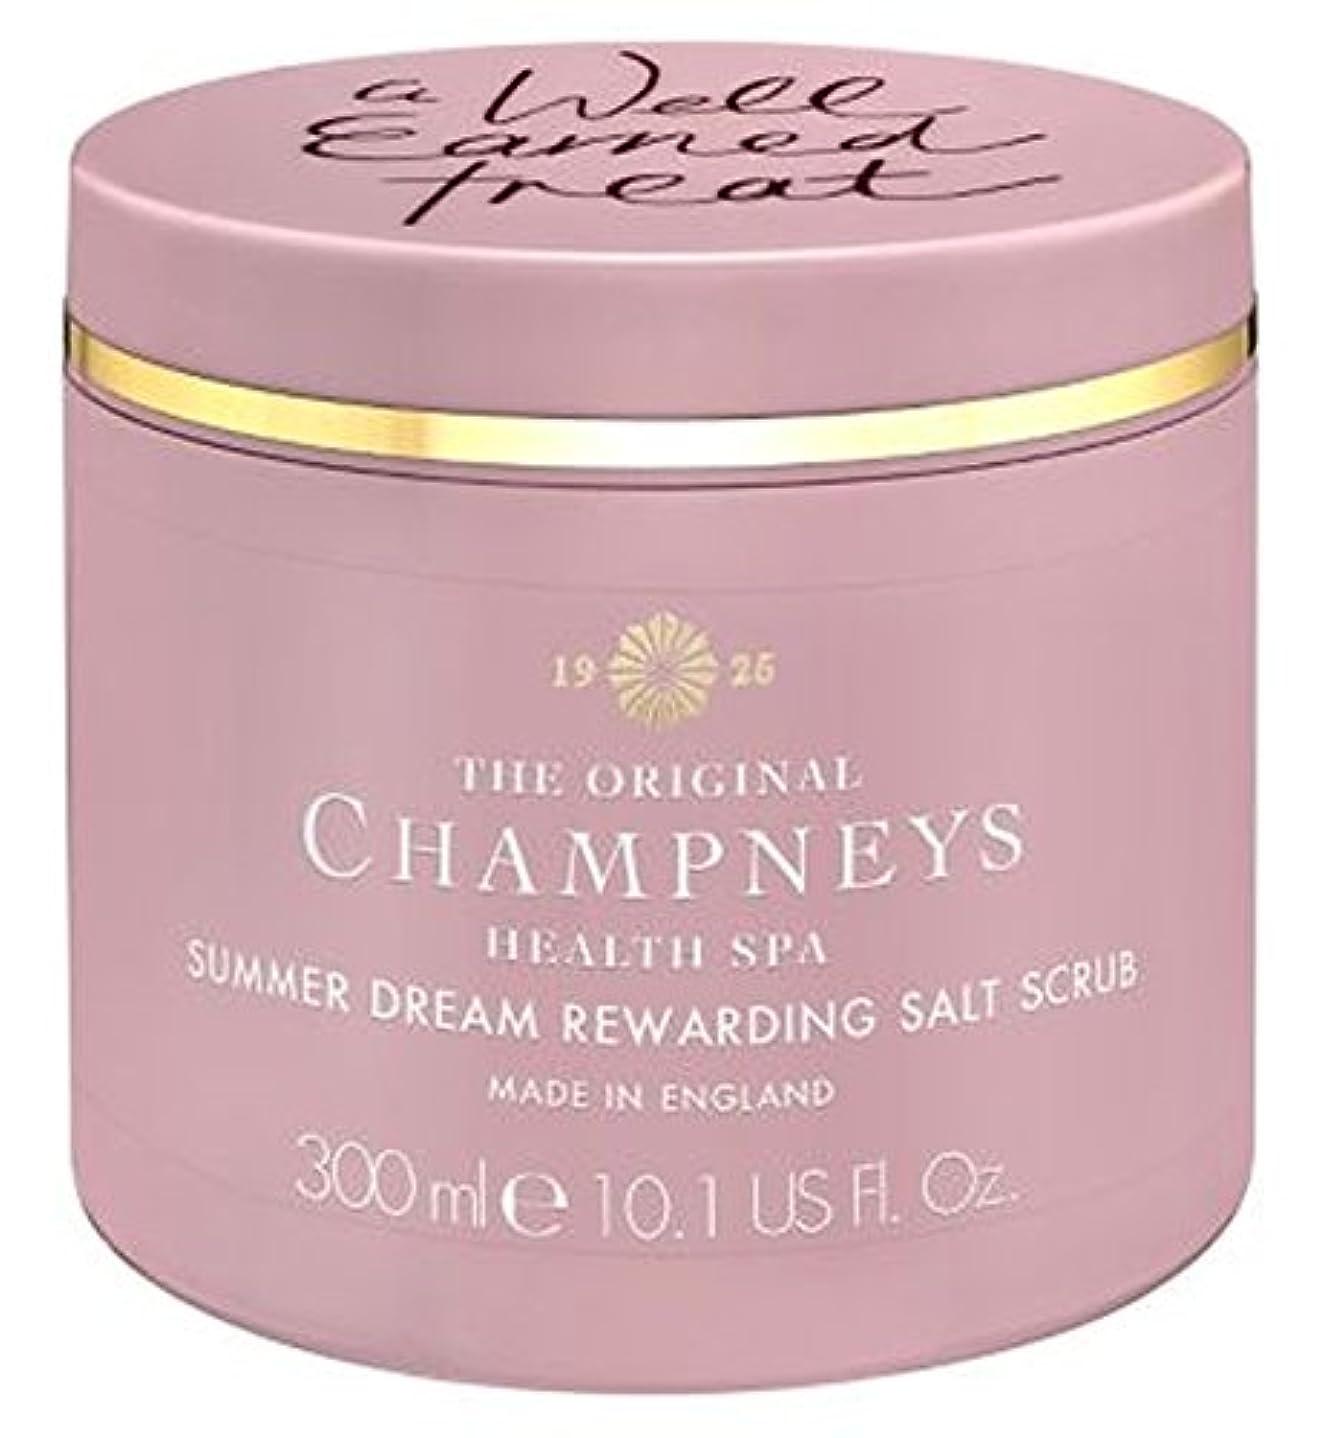 割れ目君主制ヶ月目チャンプニーズの夏の夢やりがいの塩スクラブ300ミリリットル (Champneys) (x2) - Champneys Summer Dream Rewarding Salt Scrub 300ml (Pack of 2) [並行輸入品]